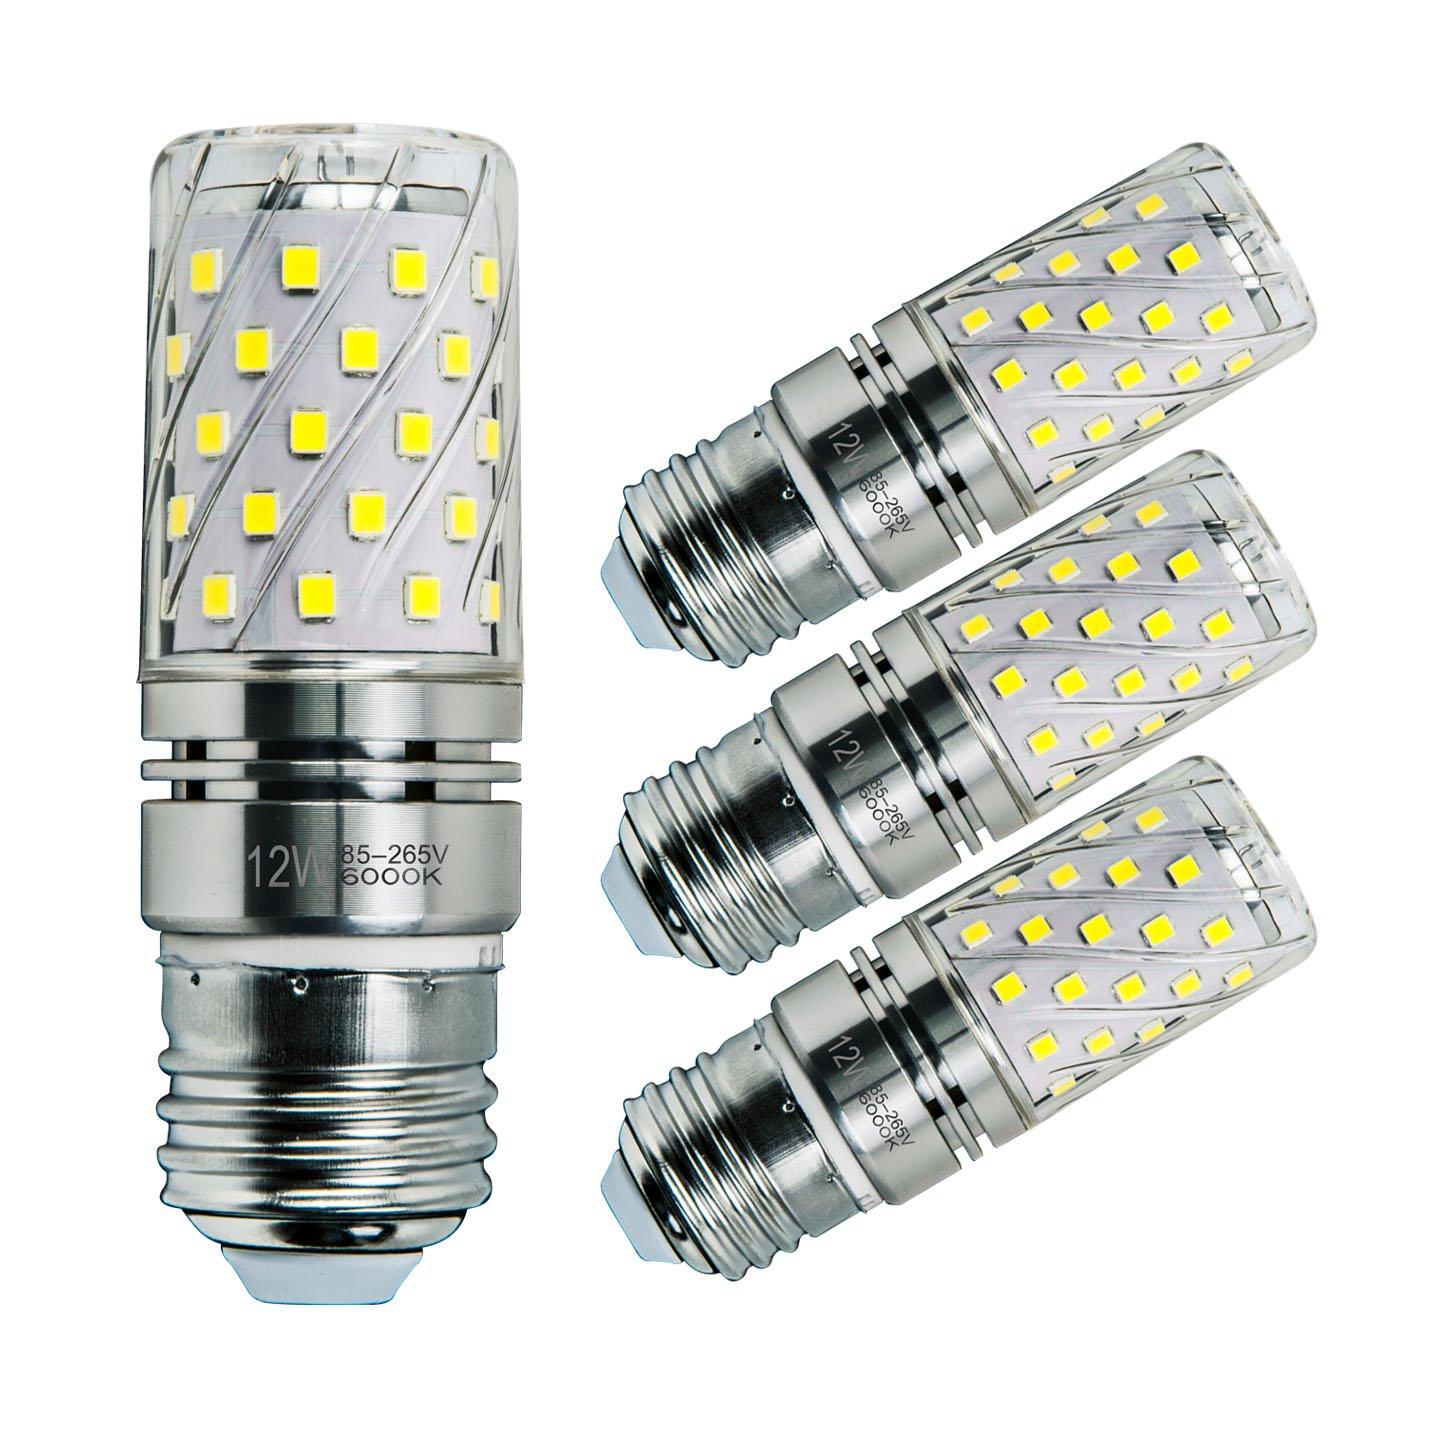 Sagel E27 LED Bombillas de Maíz 12W, 100W Bombillas Incandescentes Equivalente, 6000K Blanco Fresco Candelabro E27 Bombillas, No Regulable, 1200Lm, ...